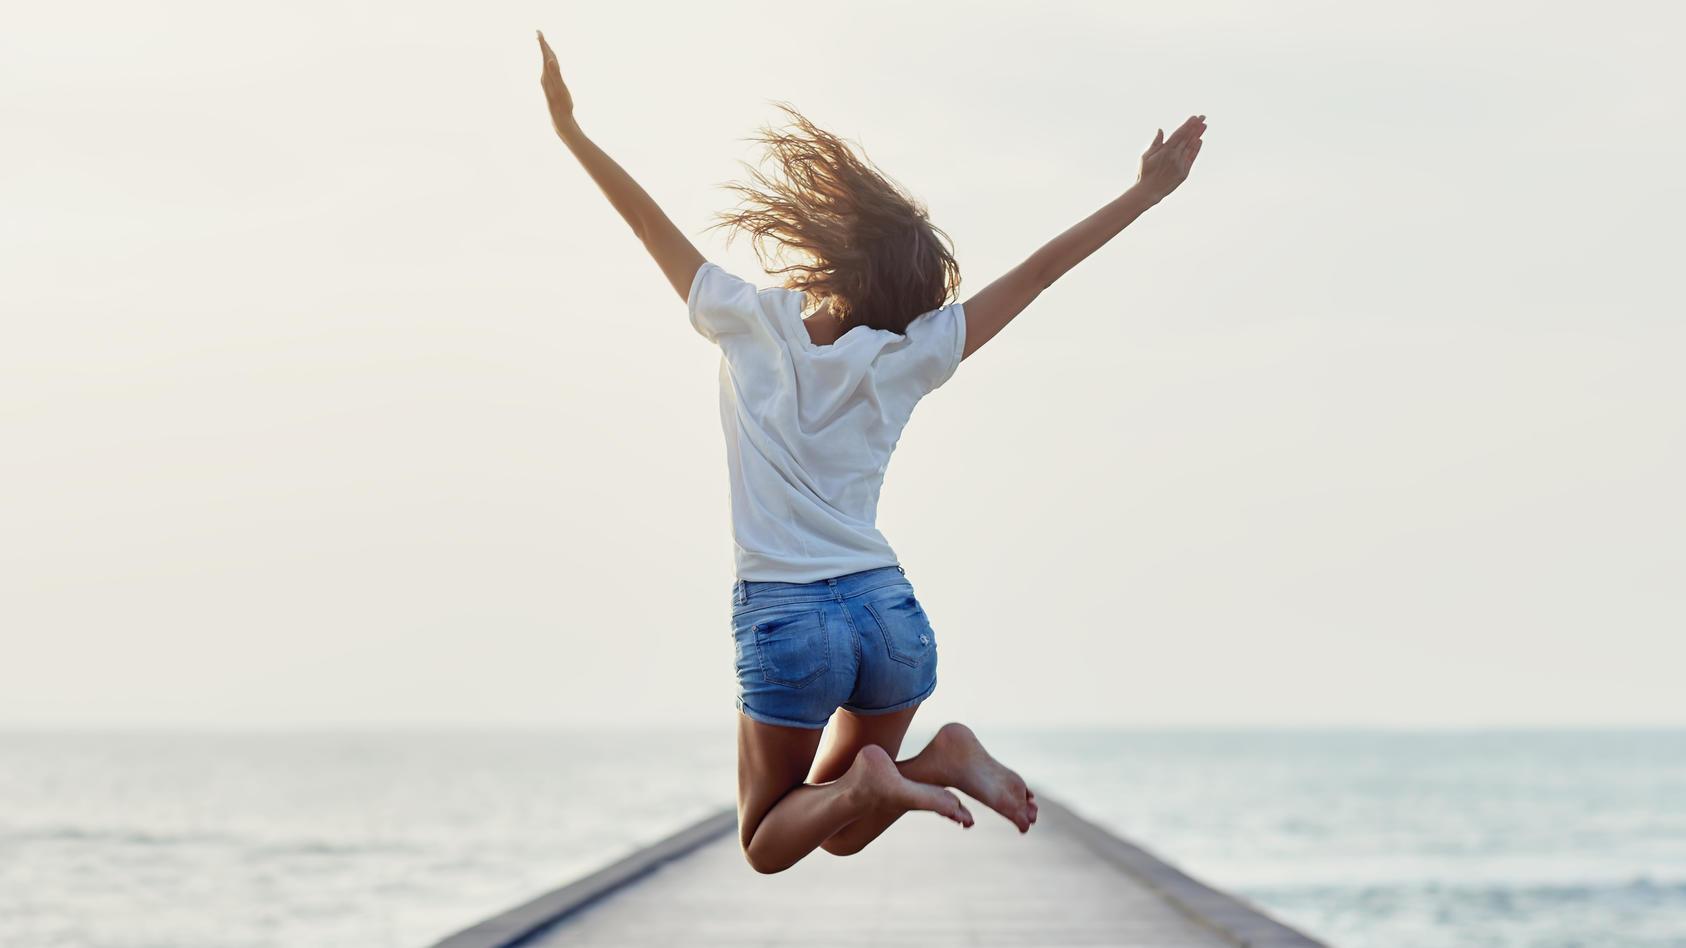 Mädchen springt glücklich in die Luft